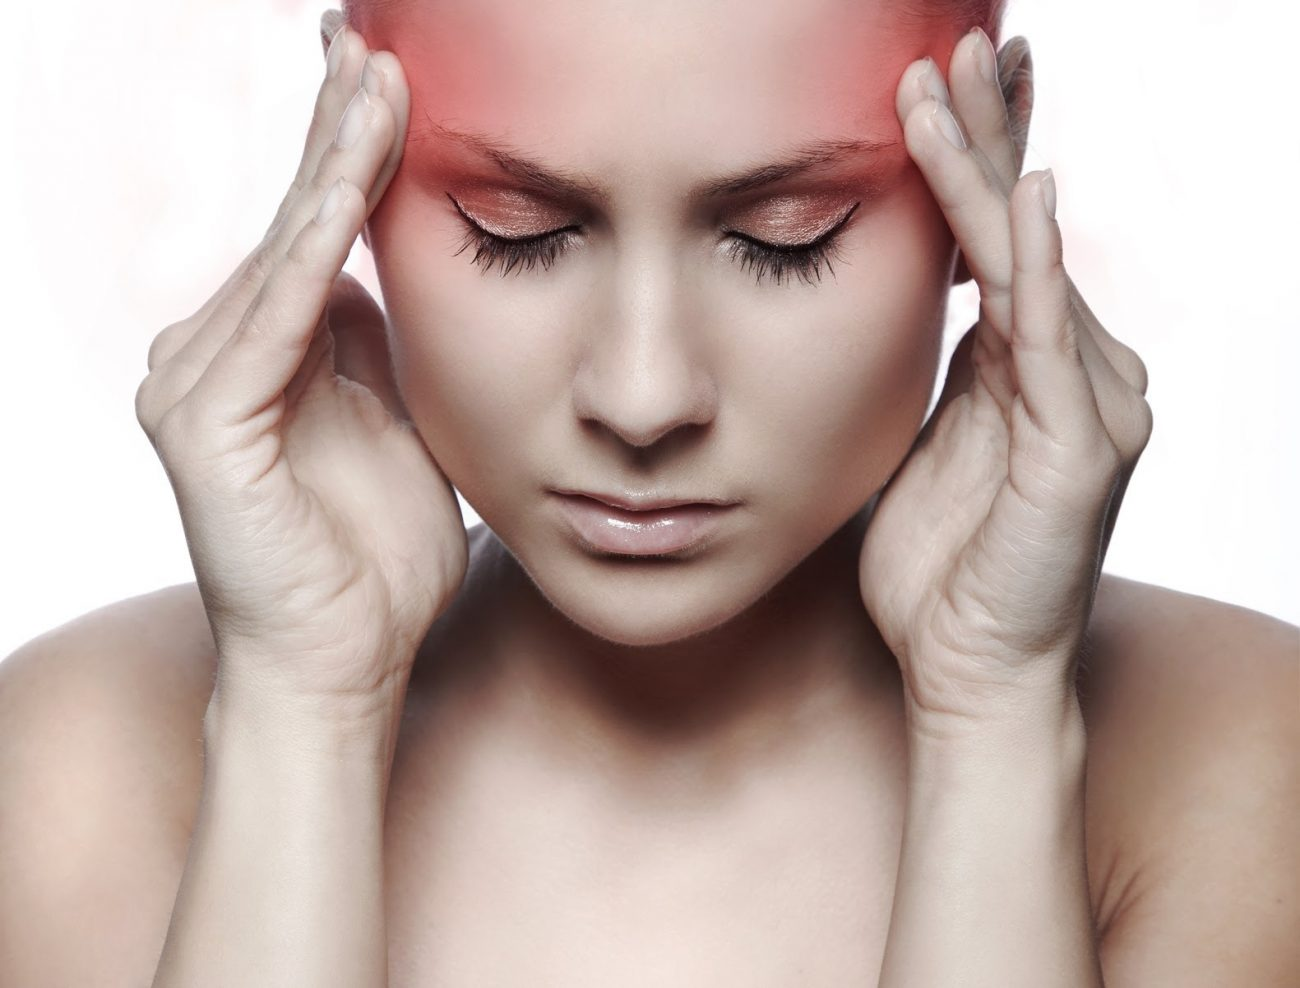 Descubre las causas de los dolores de cabeza dependiendo de la zona que afecten